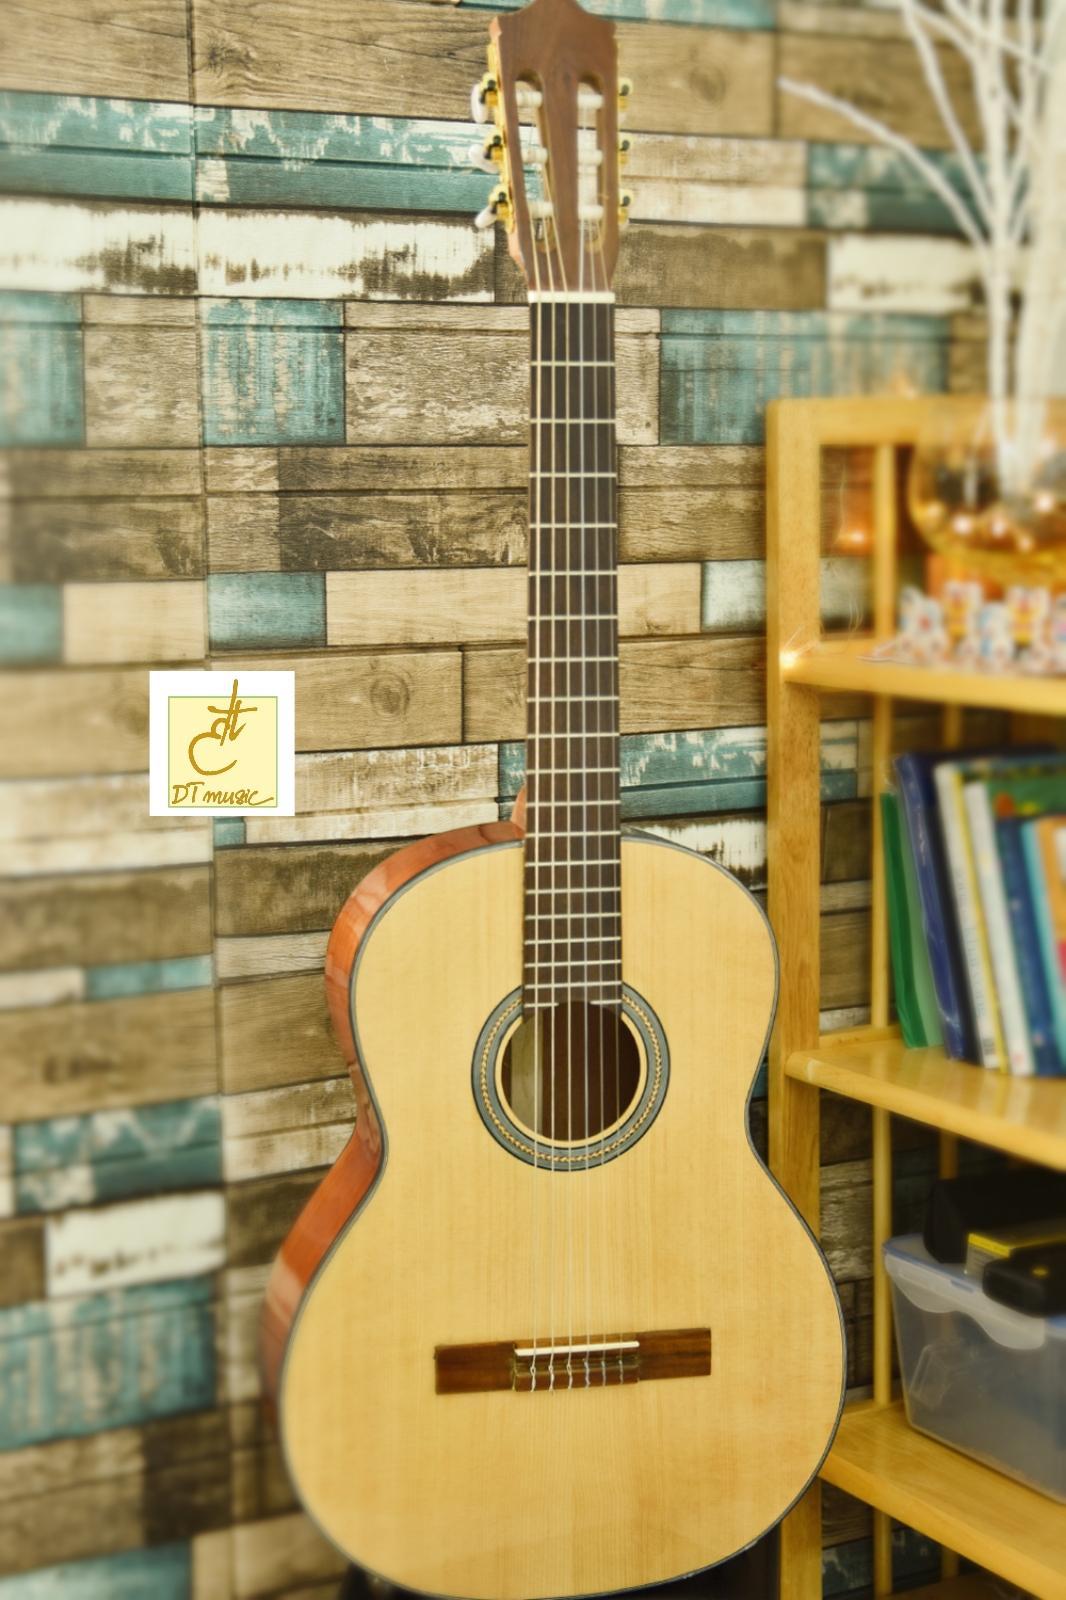 Đàn Guitar Classic  Gỗ Hồng Đào  DT-C16  Tặng Kèm Phụ Kiện Giá Ưu Đãi Nhất